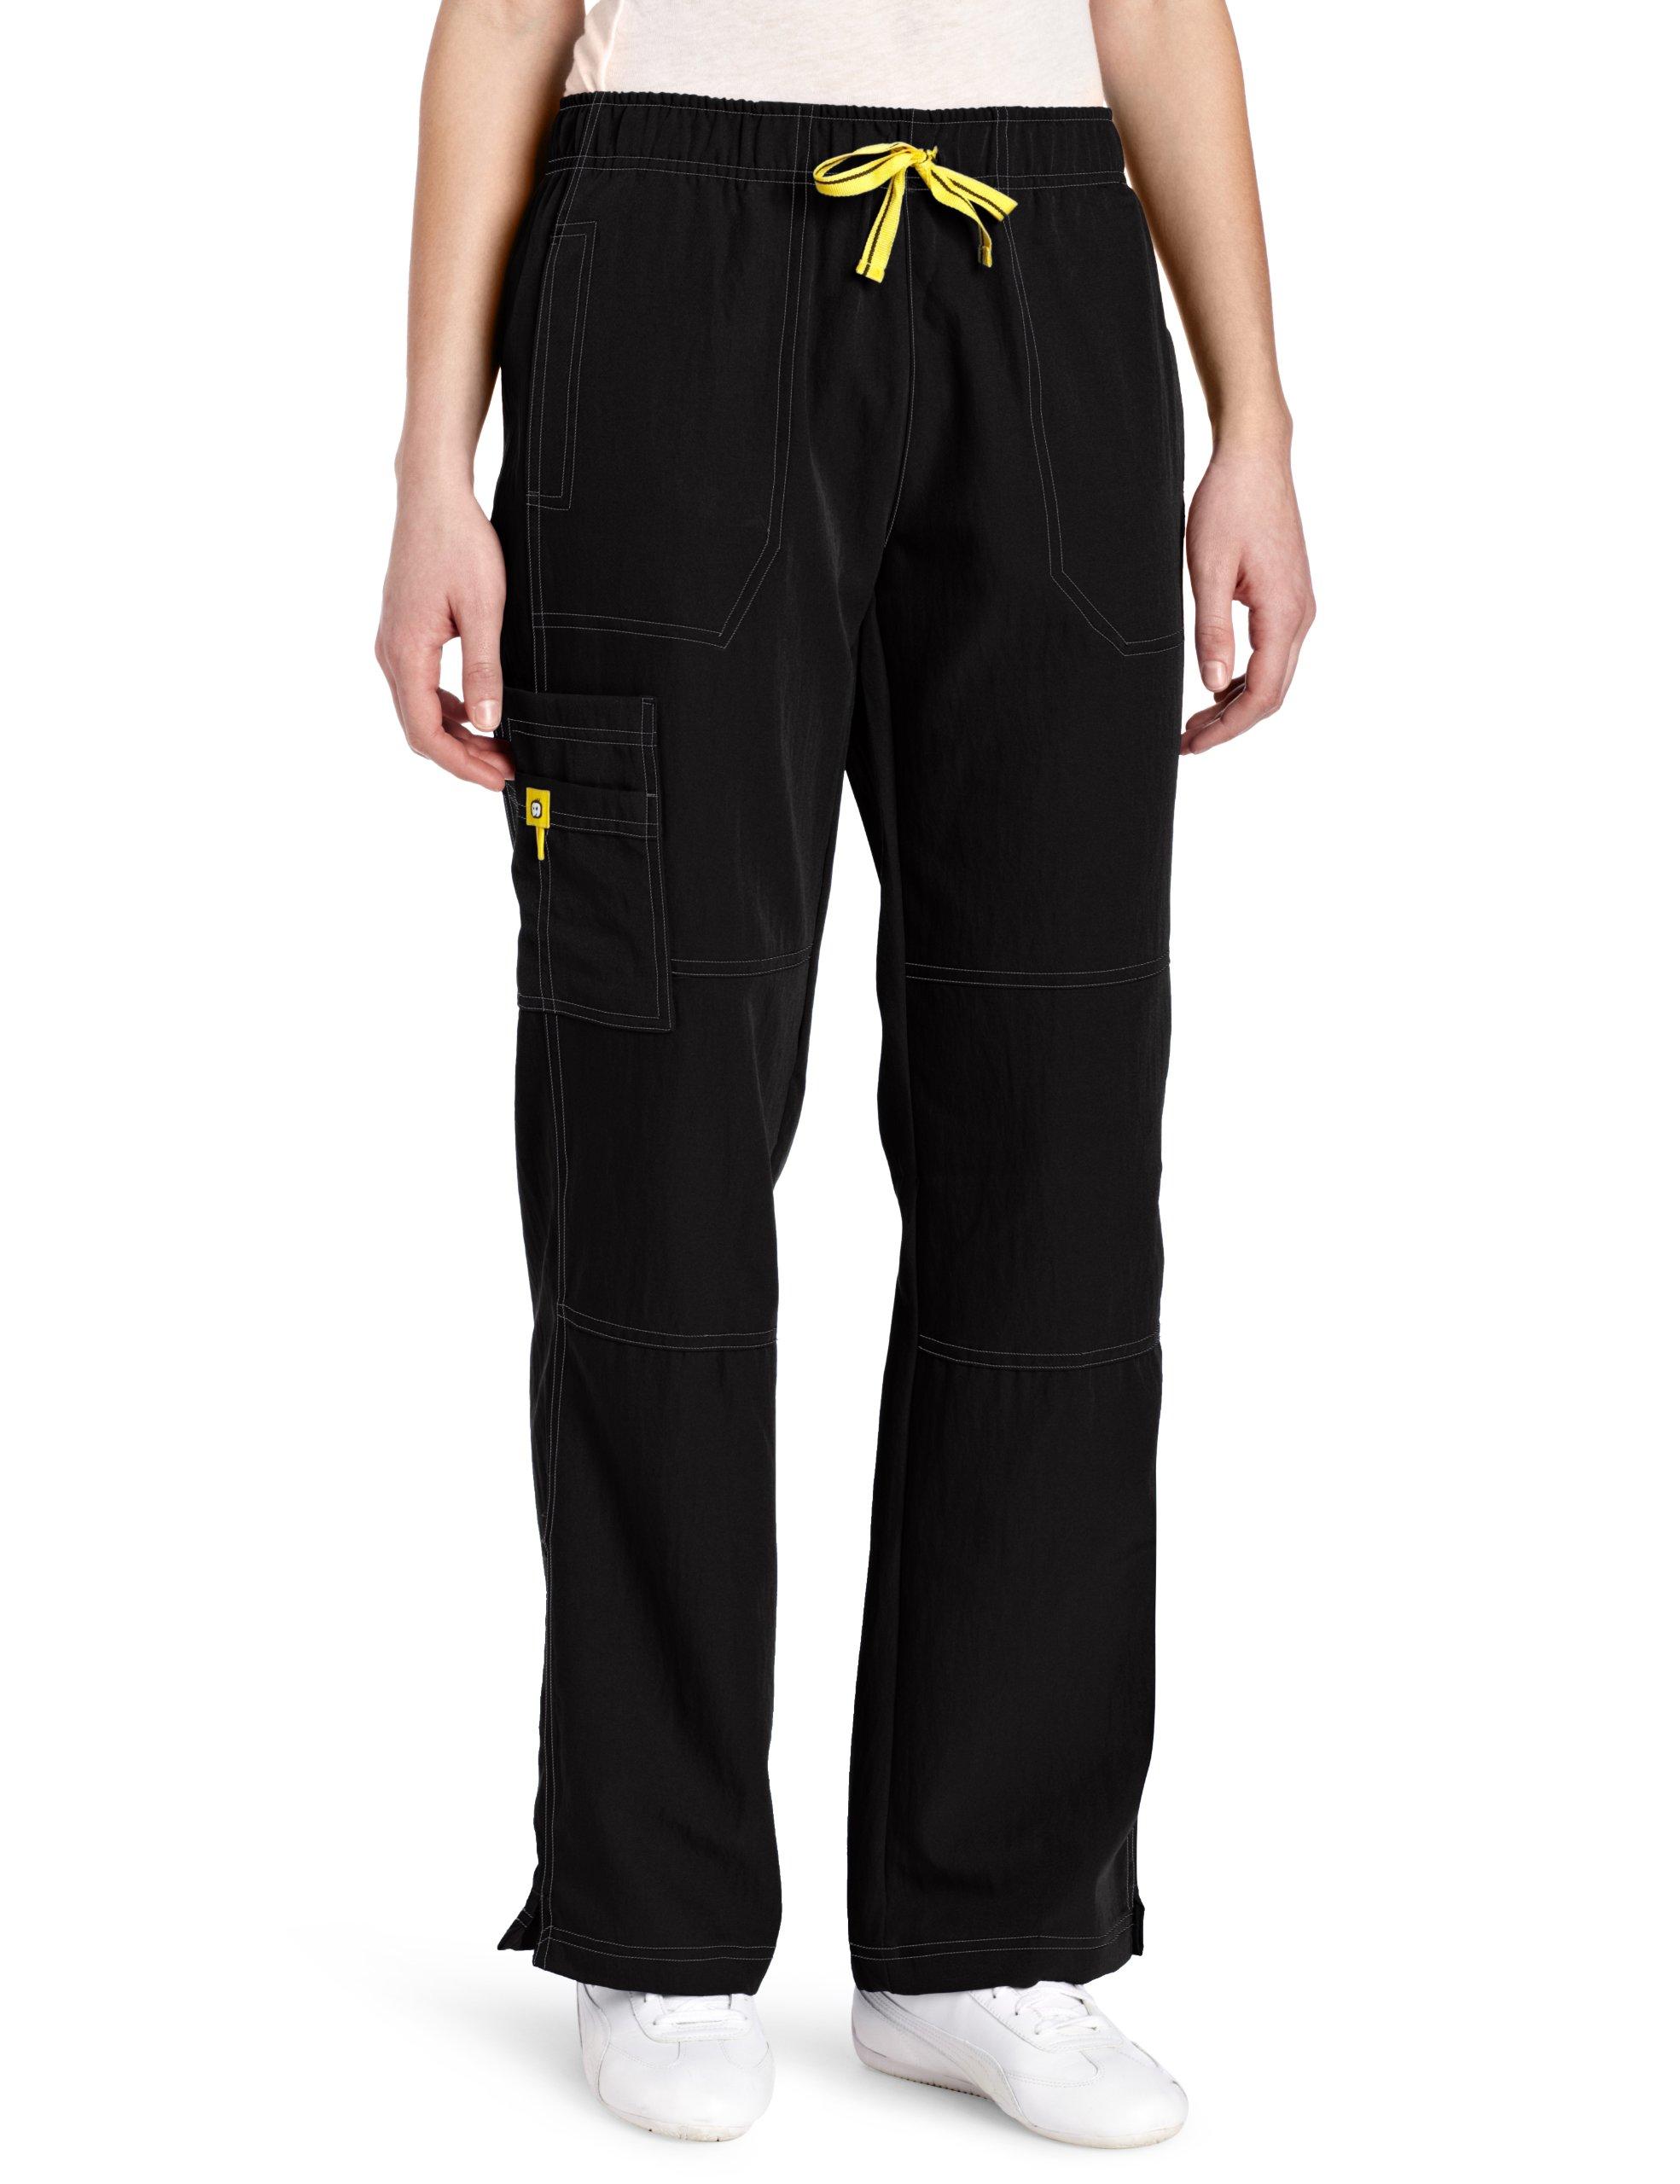 WonderWink Women's Scrubs Four Way Stretch Sporty Cargo Pant, Black, X-Large